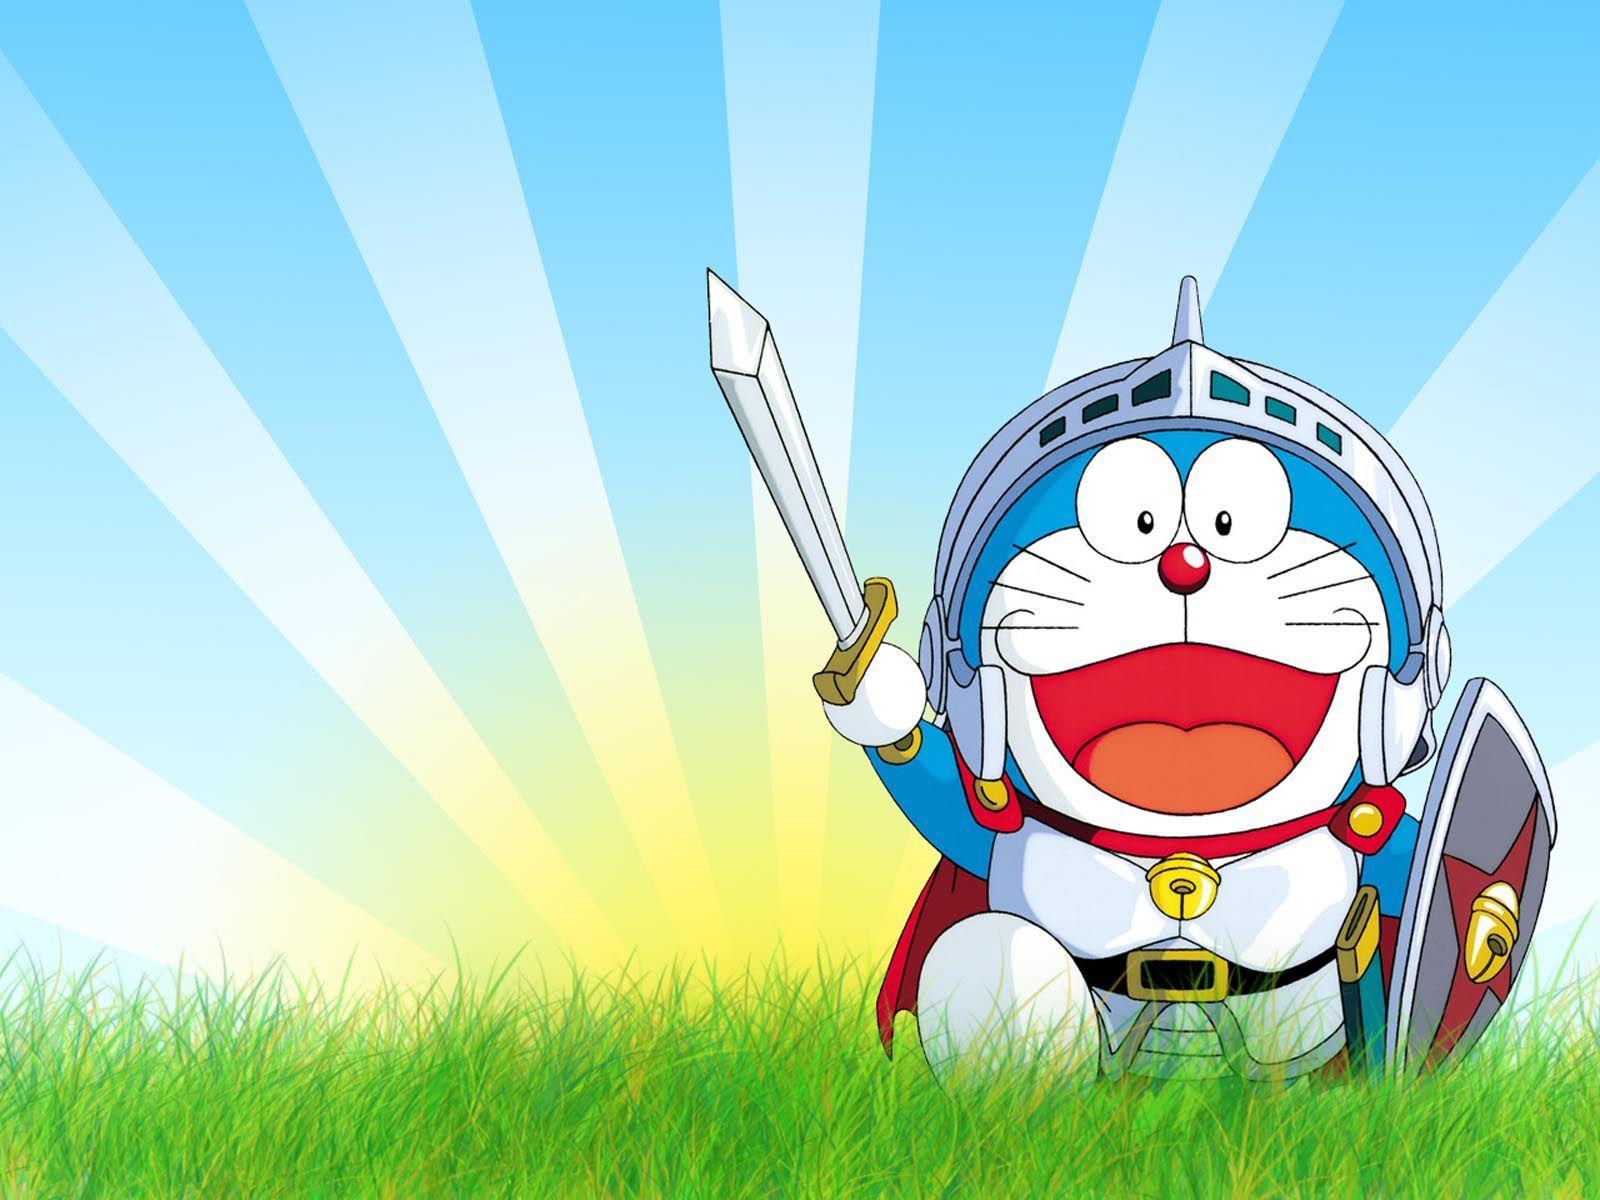 Hình nền 1600x1200 Doraemon, Hình nền Doraemon thật dễ thương